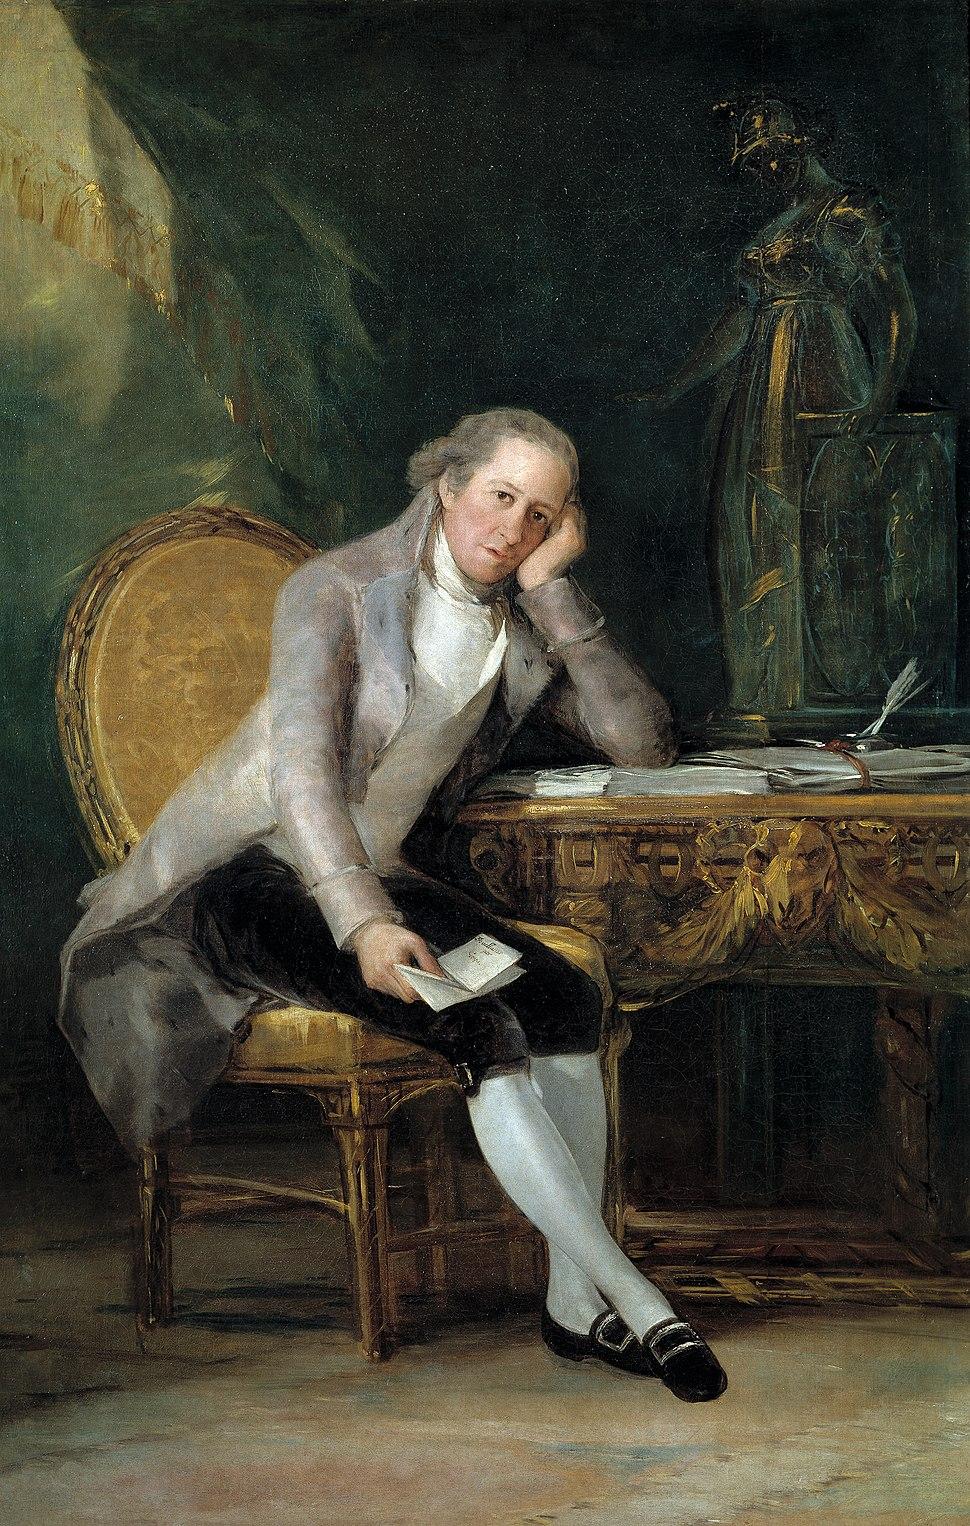 Francisco de Goya y Lucientes - Gaspar Melchor de Jovellanos